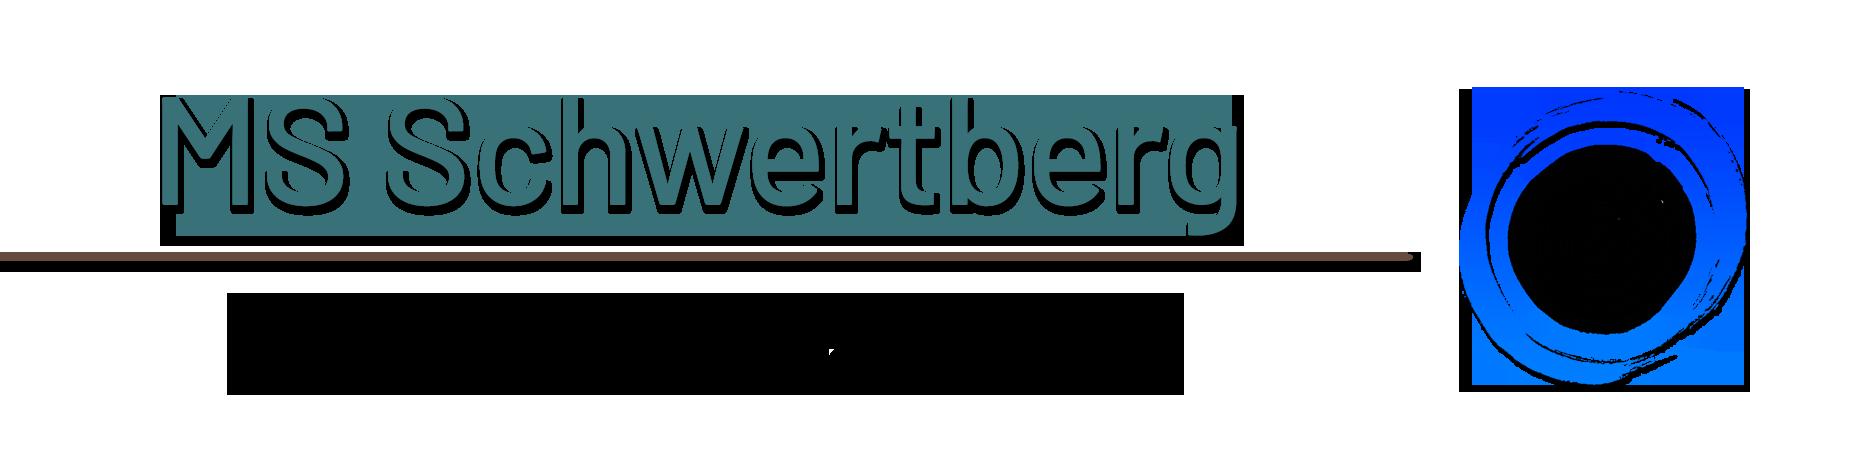 MS Schwertberg